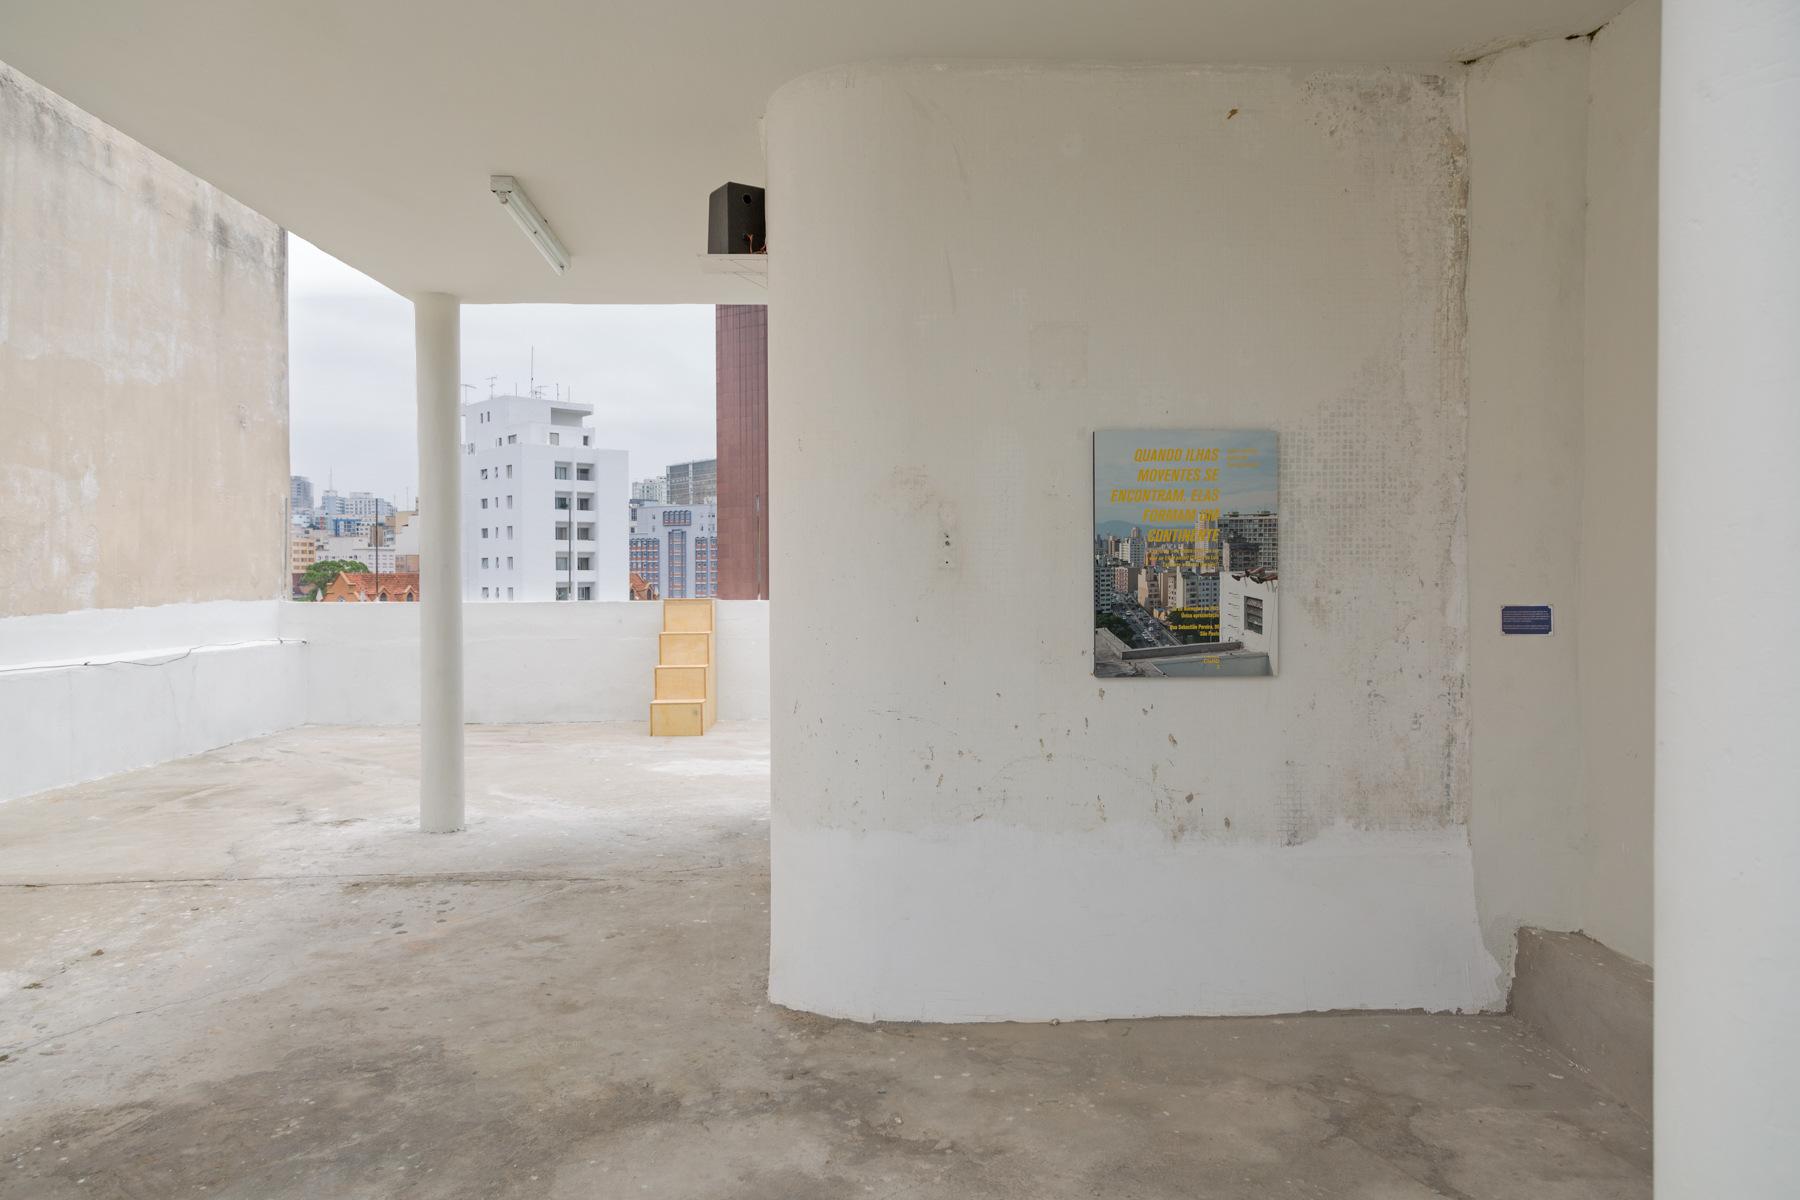 5 Observatório - Hipótese e Horizonte - Vista da exposição